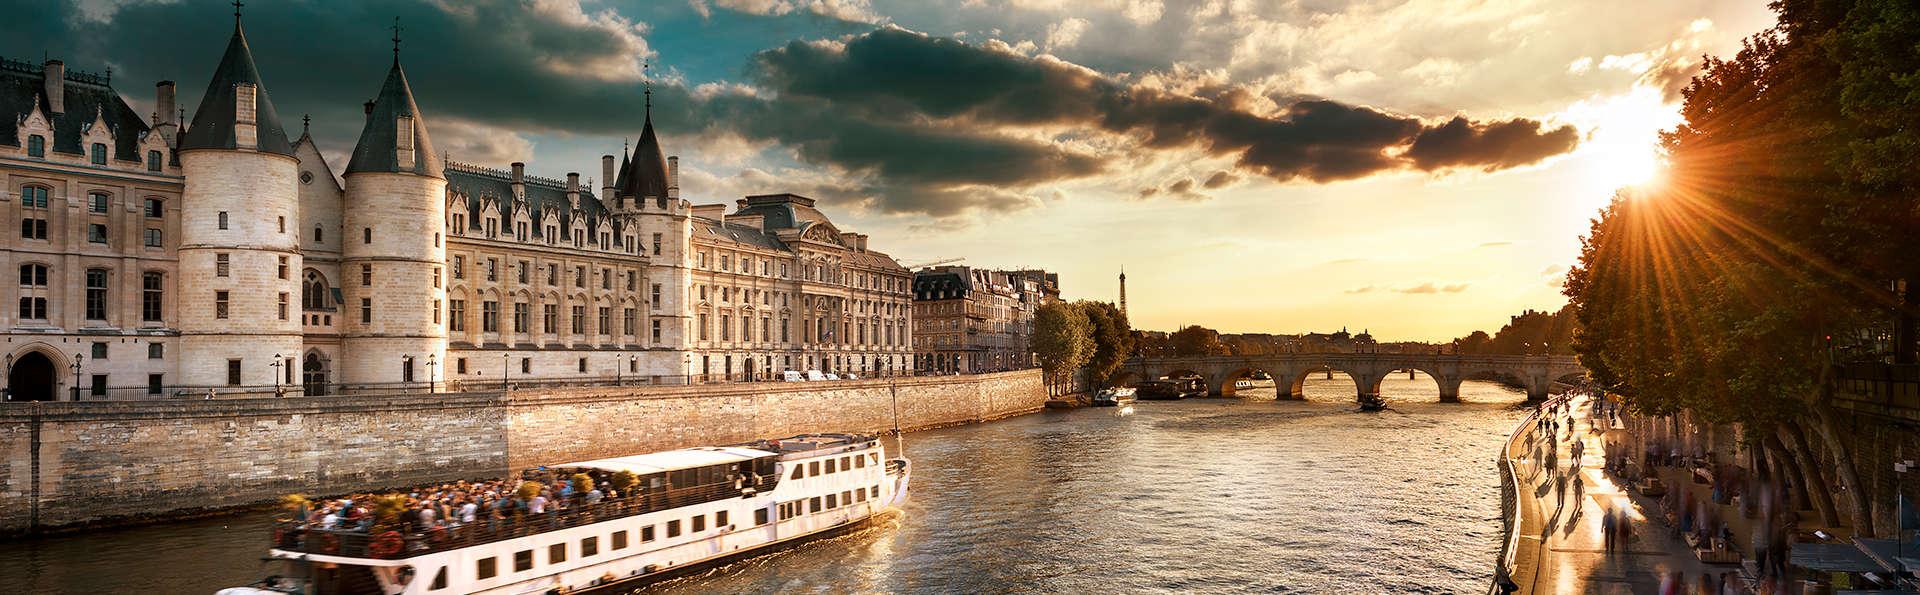 Ambiance chic sur les rives de la Seine à Paris